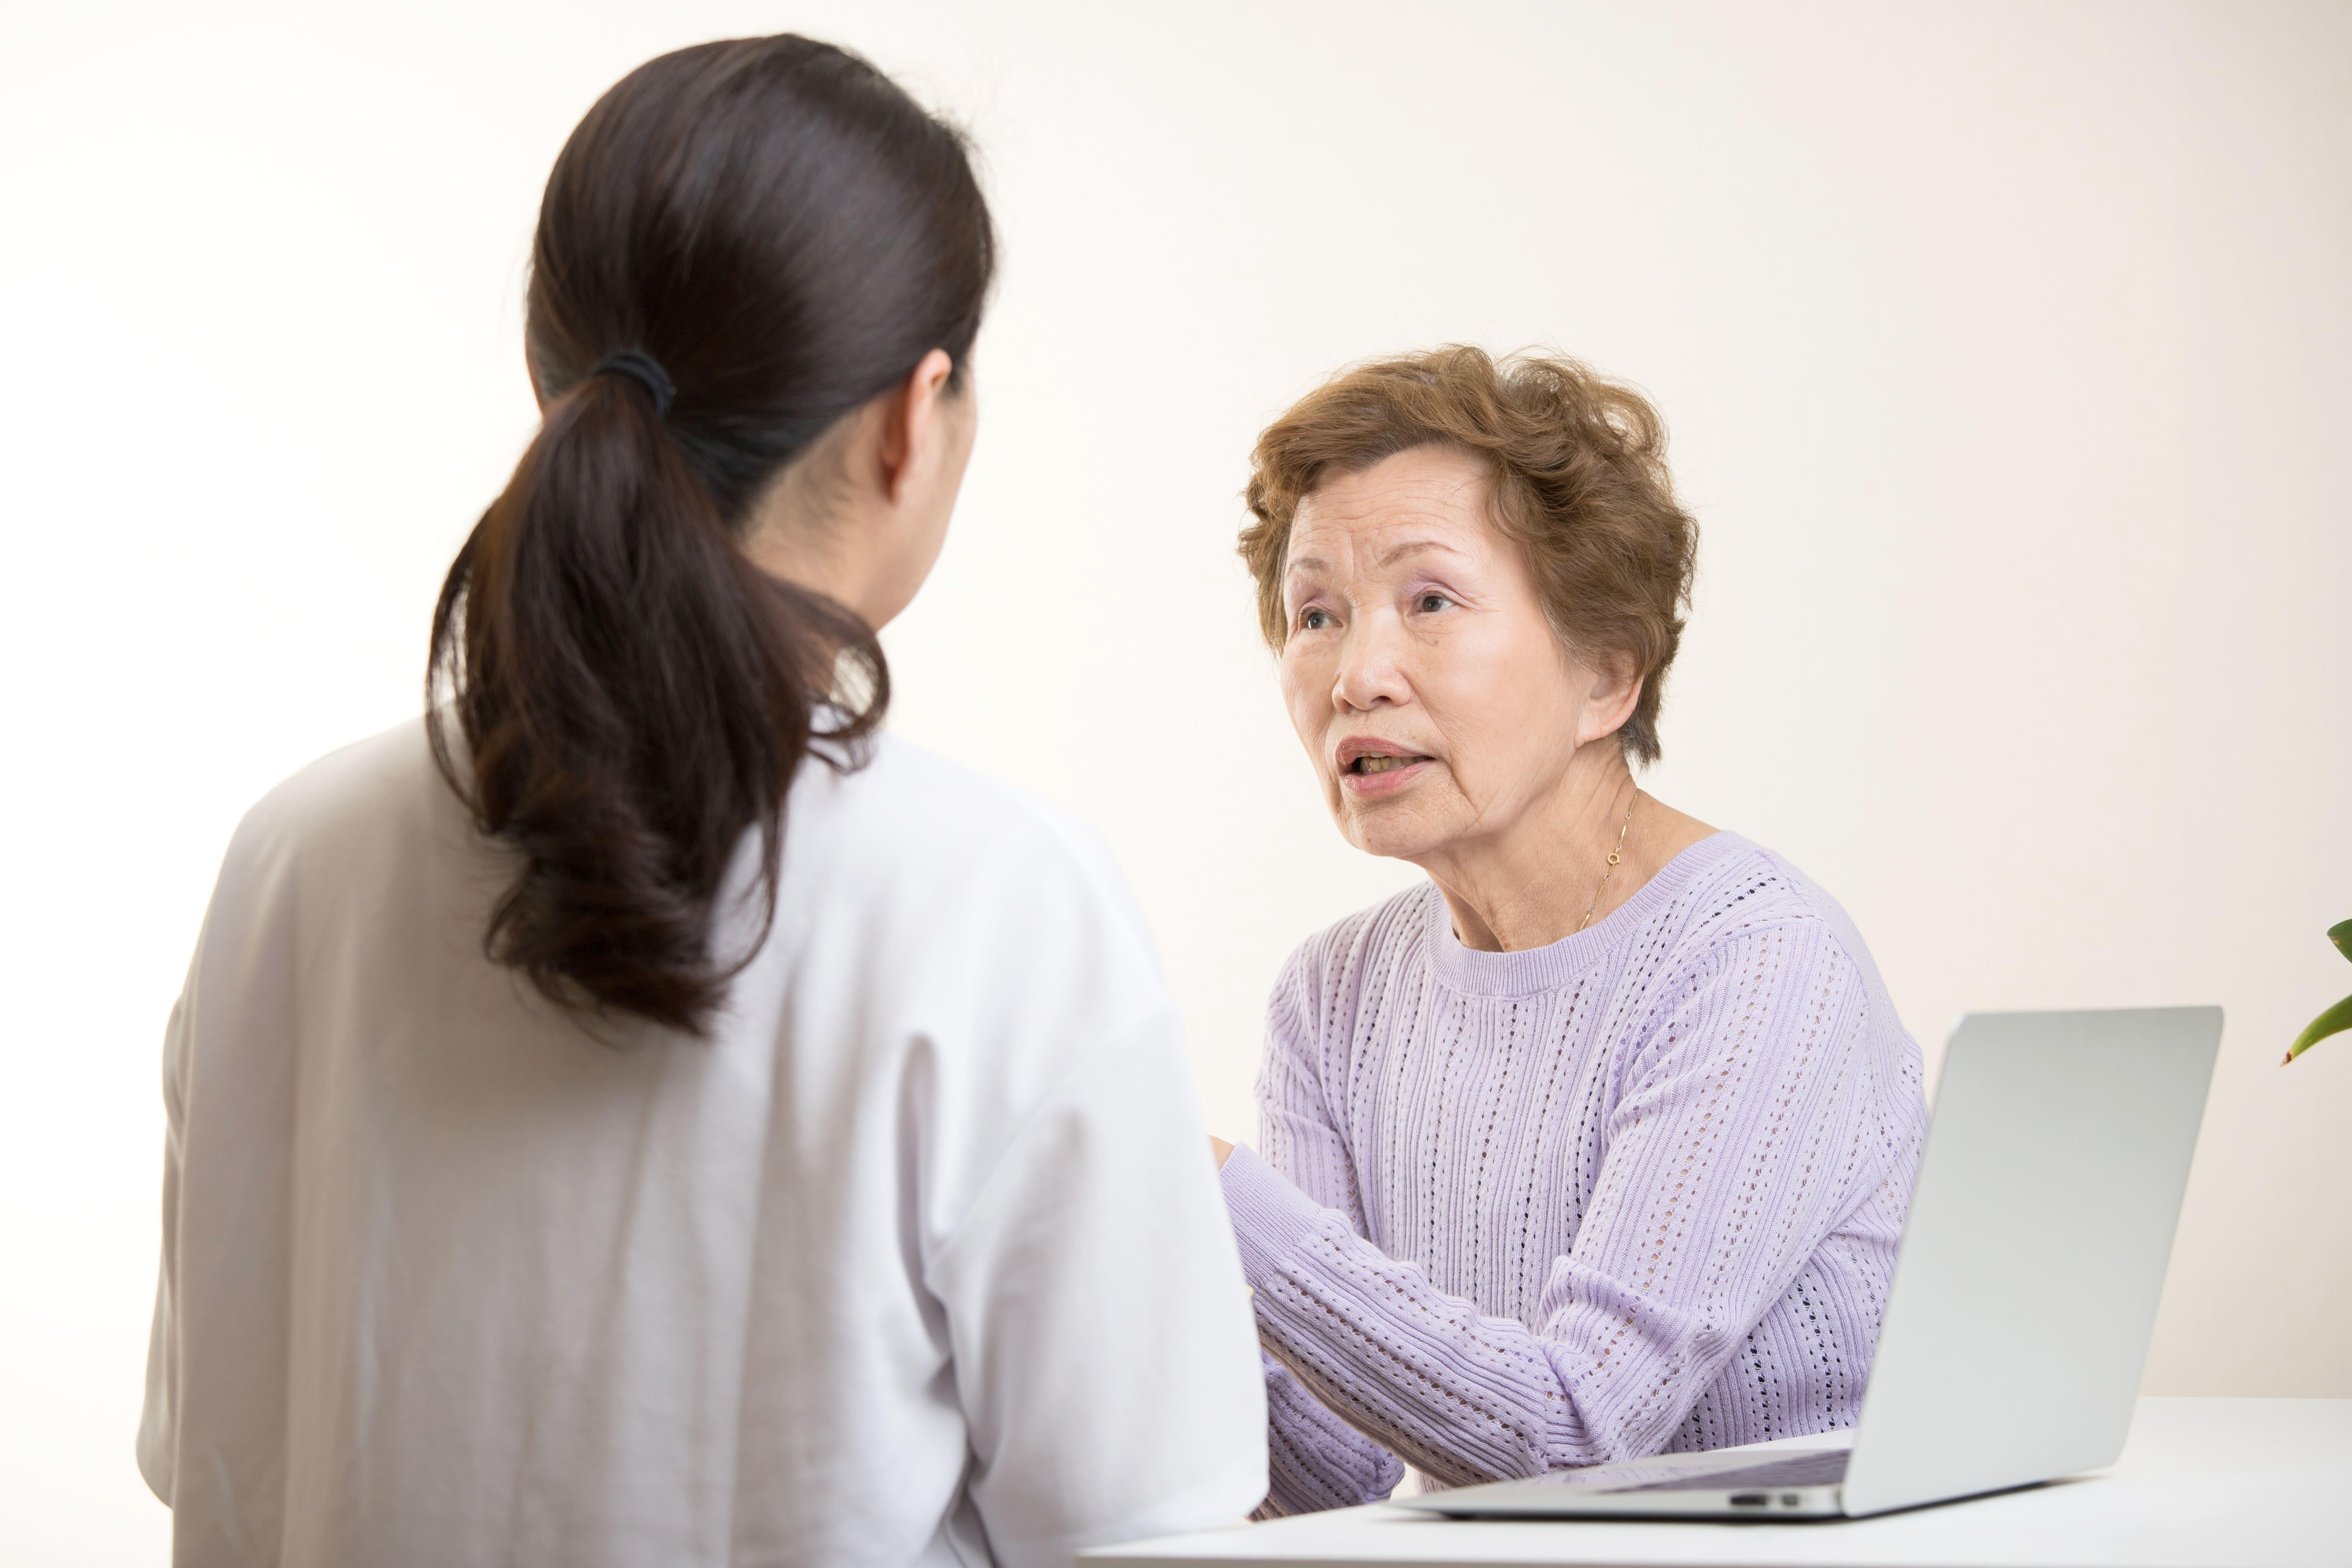 高齢者の話を聞く女性